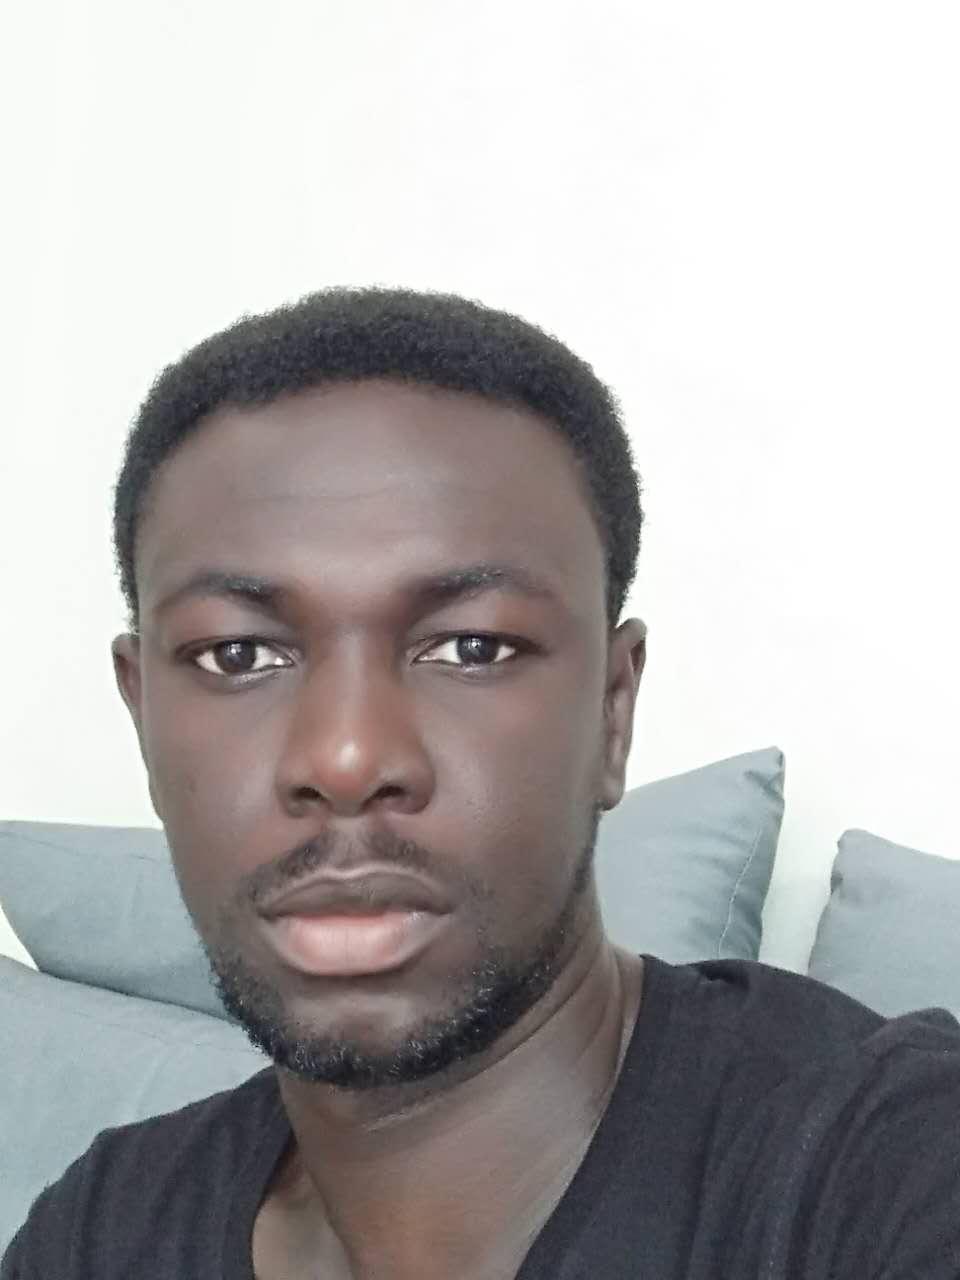 加纳本科外教的照片